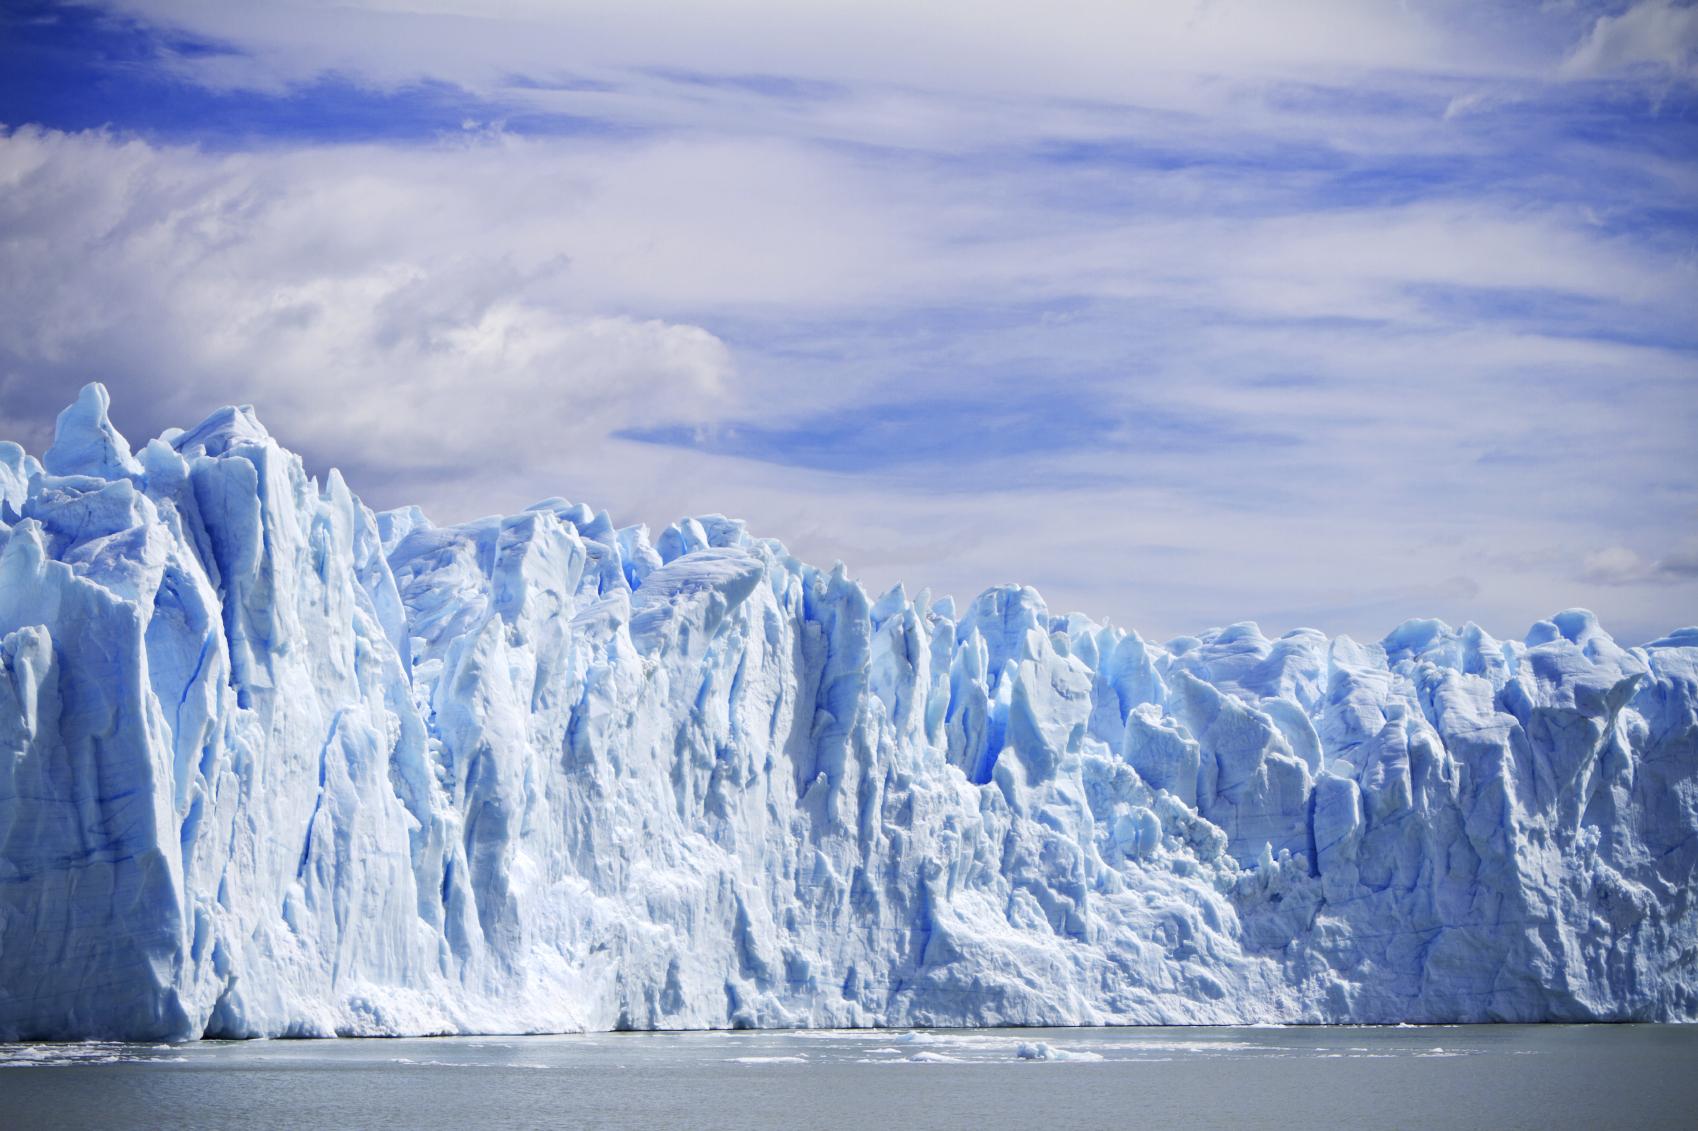 Με διπλάσια ταχύτητα θερμαίνεται η περιοχή της Αρκτικής